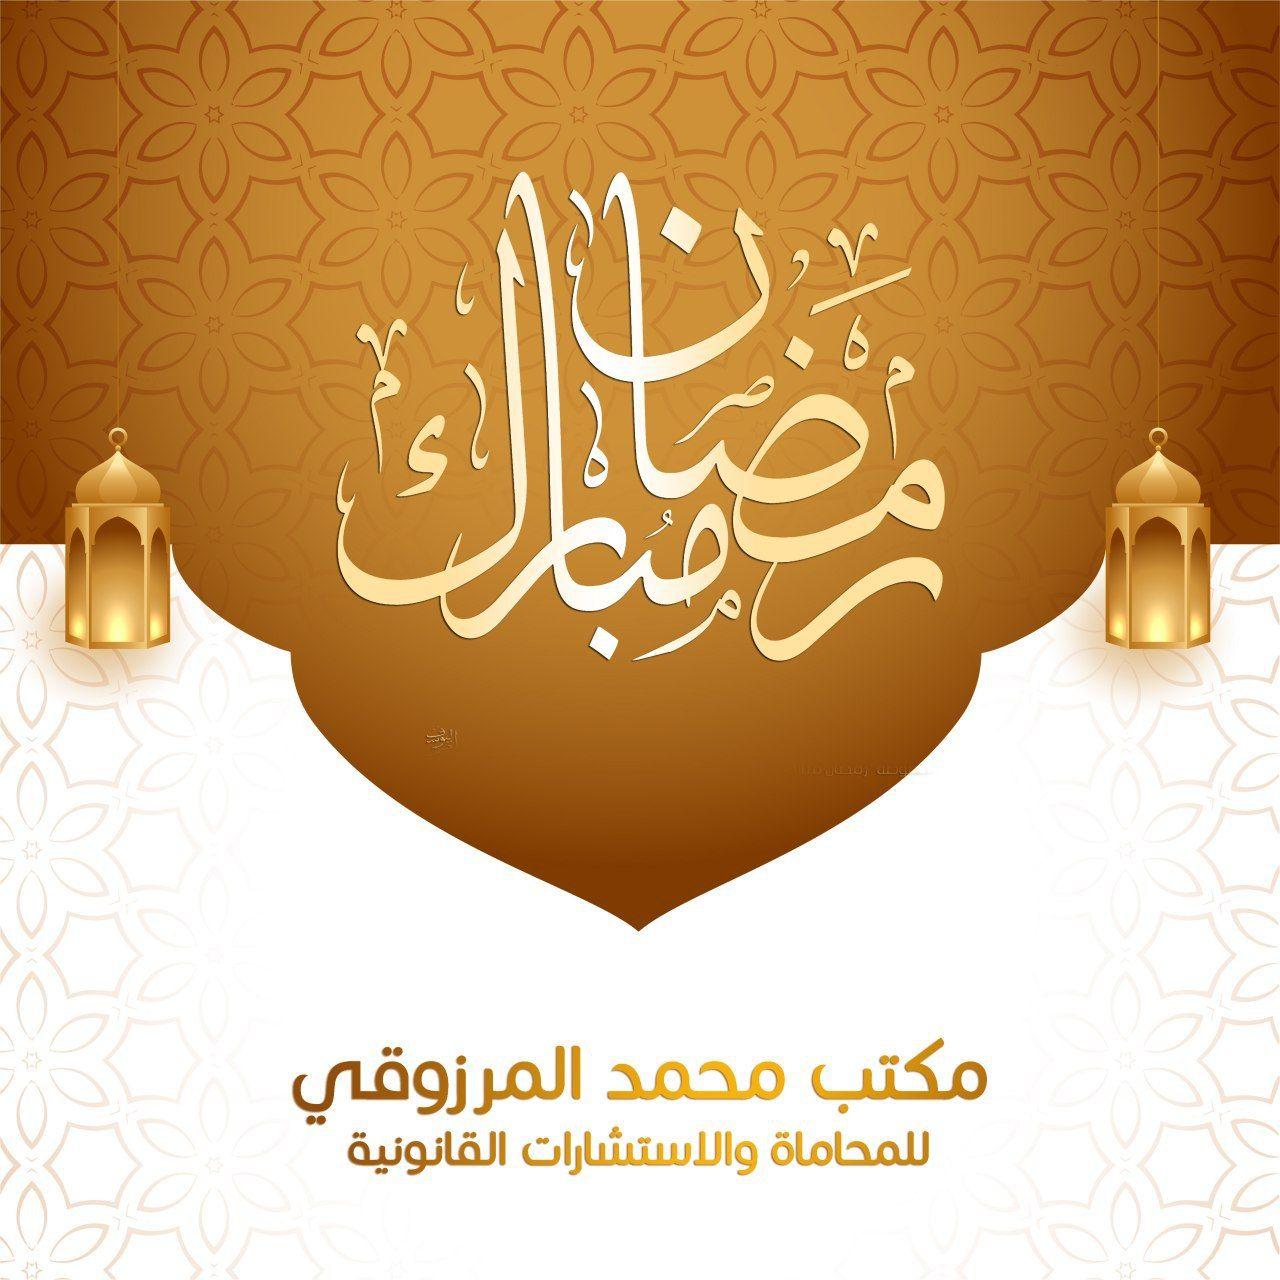 كل عام وأنتم بخير رمضان كريم Dubai Uae Good Lawyers Home Decor Decals